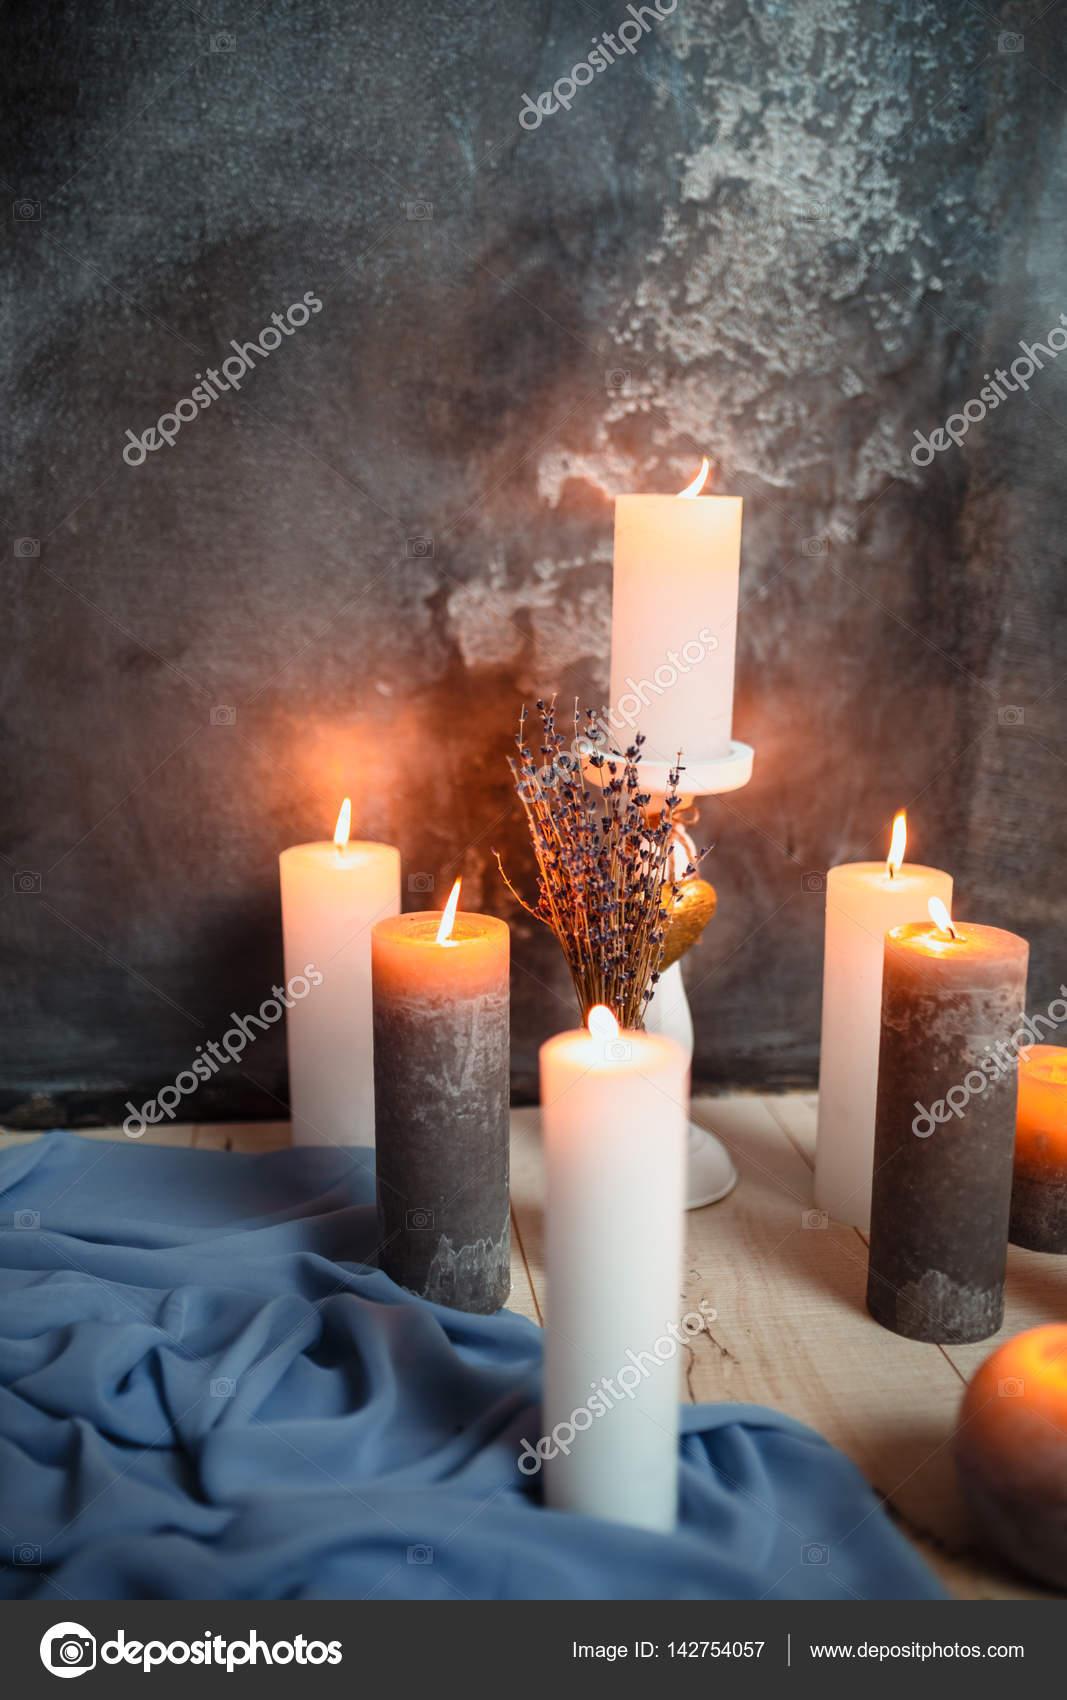 Romantische Interieur Zum Valentinstag Mit Kerzen Lichter Brennen Im Zimmer  U2014 Stockfoto